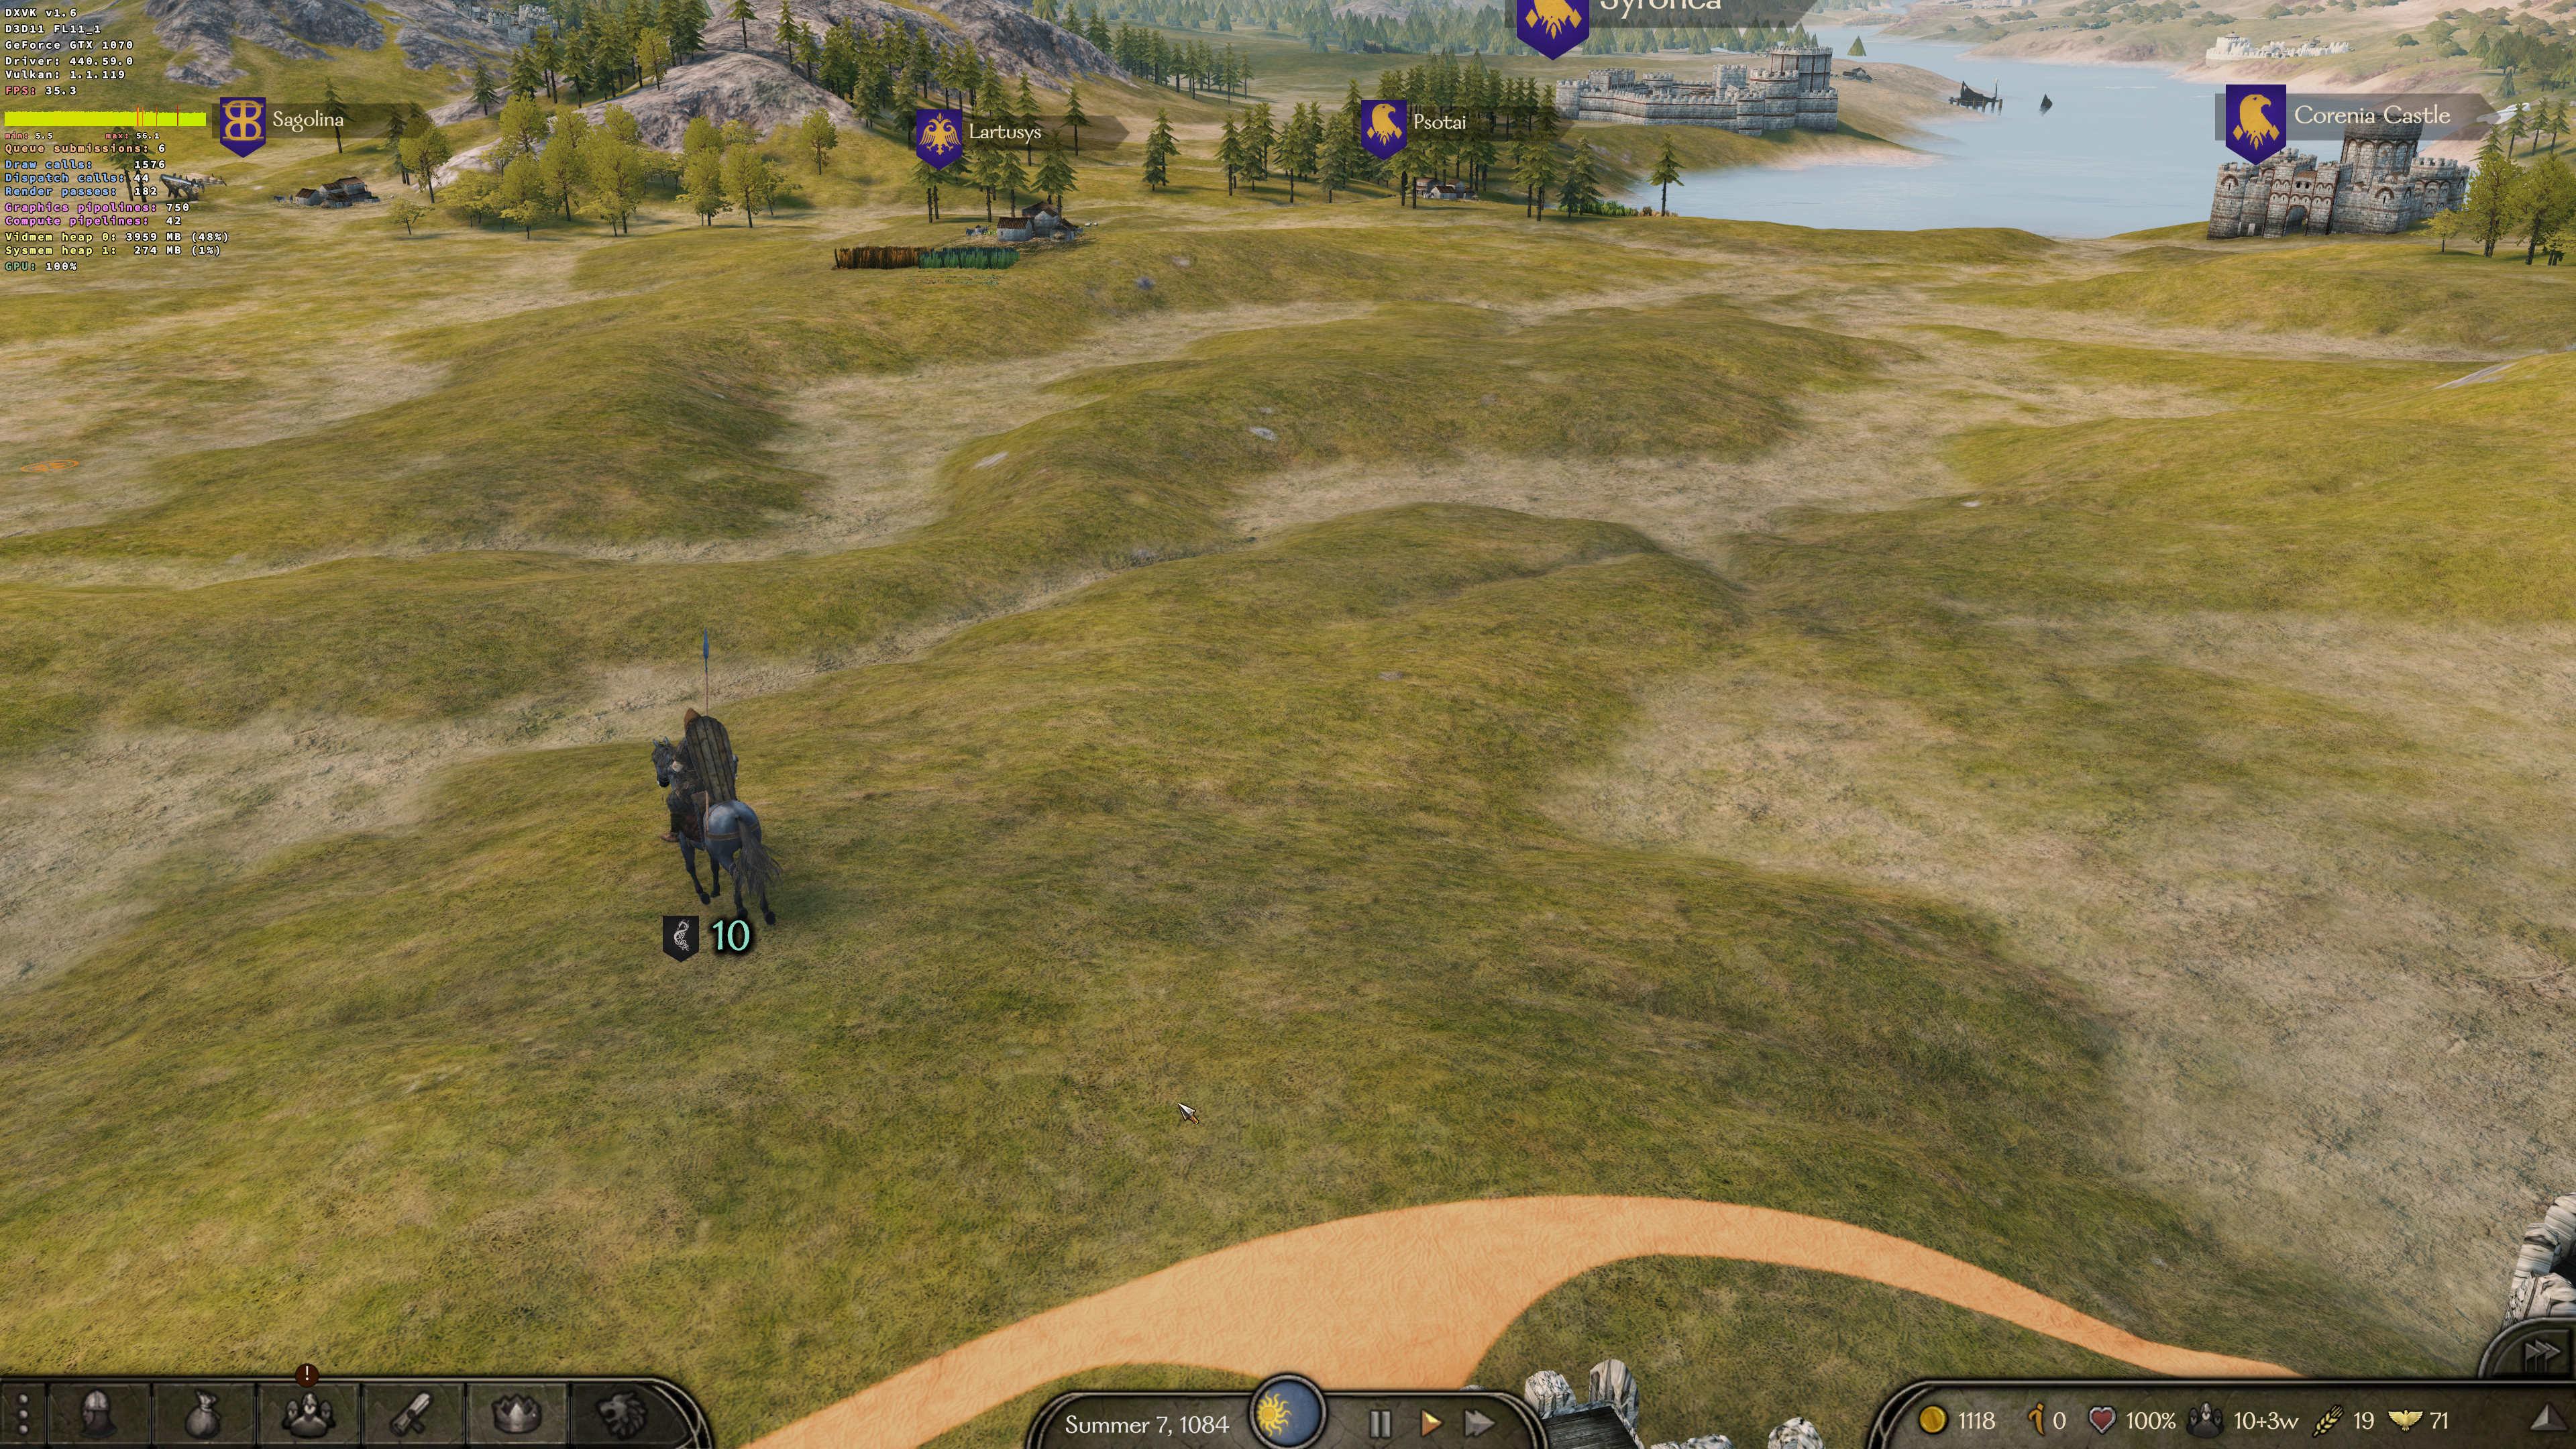 Screenshot from 2020-04-04 03-21-08